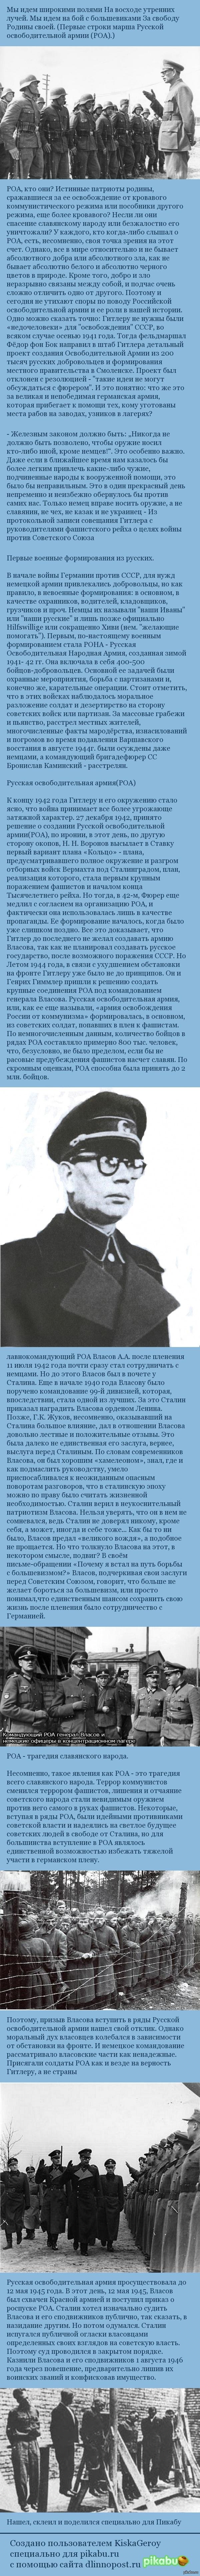 Герои или предатели? Русская освободительная армия (РОА)